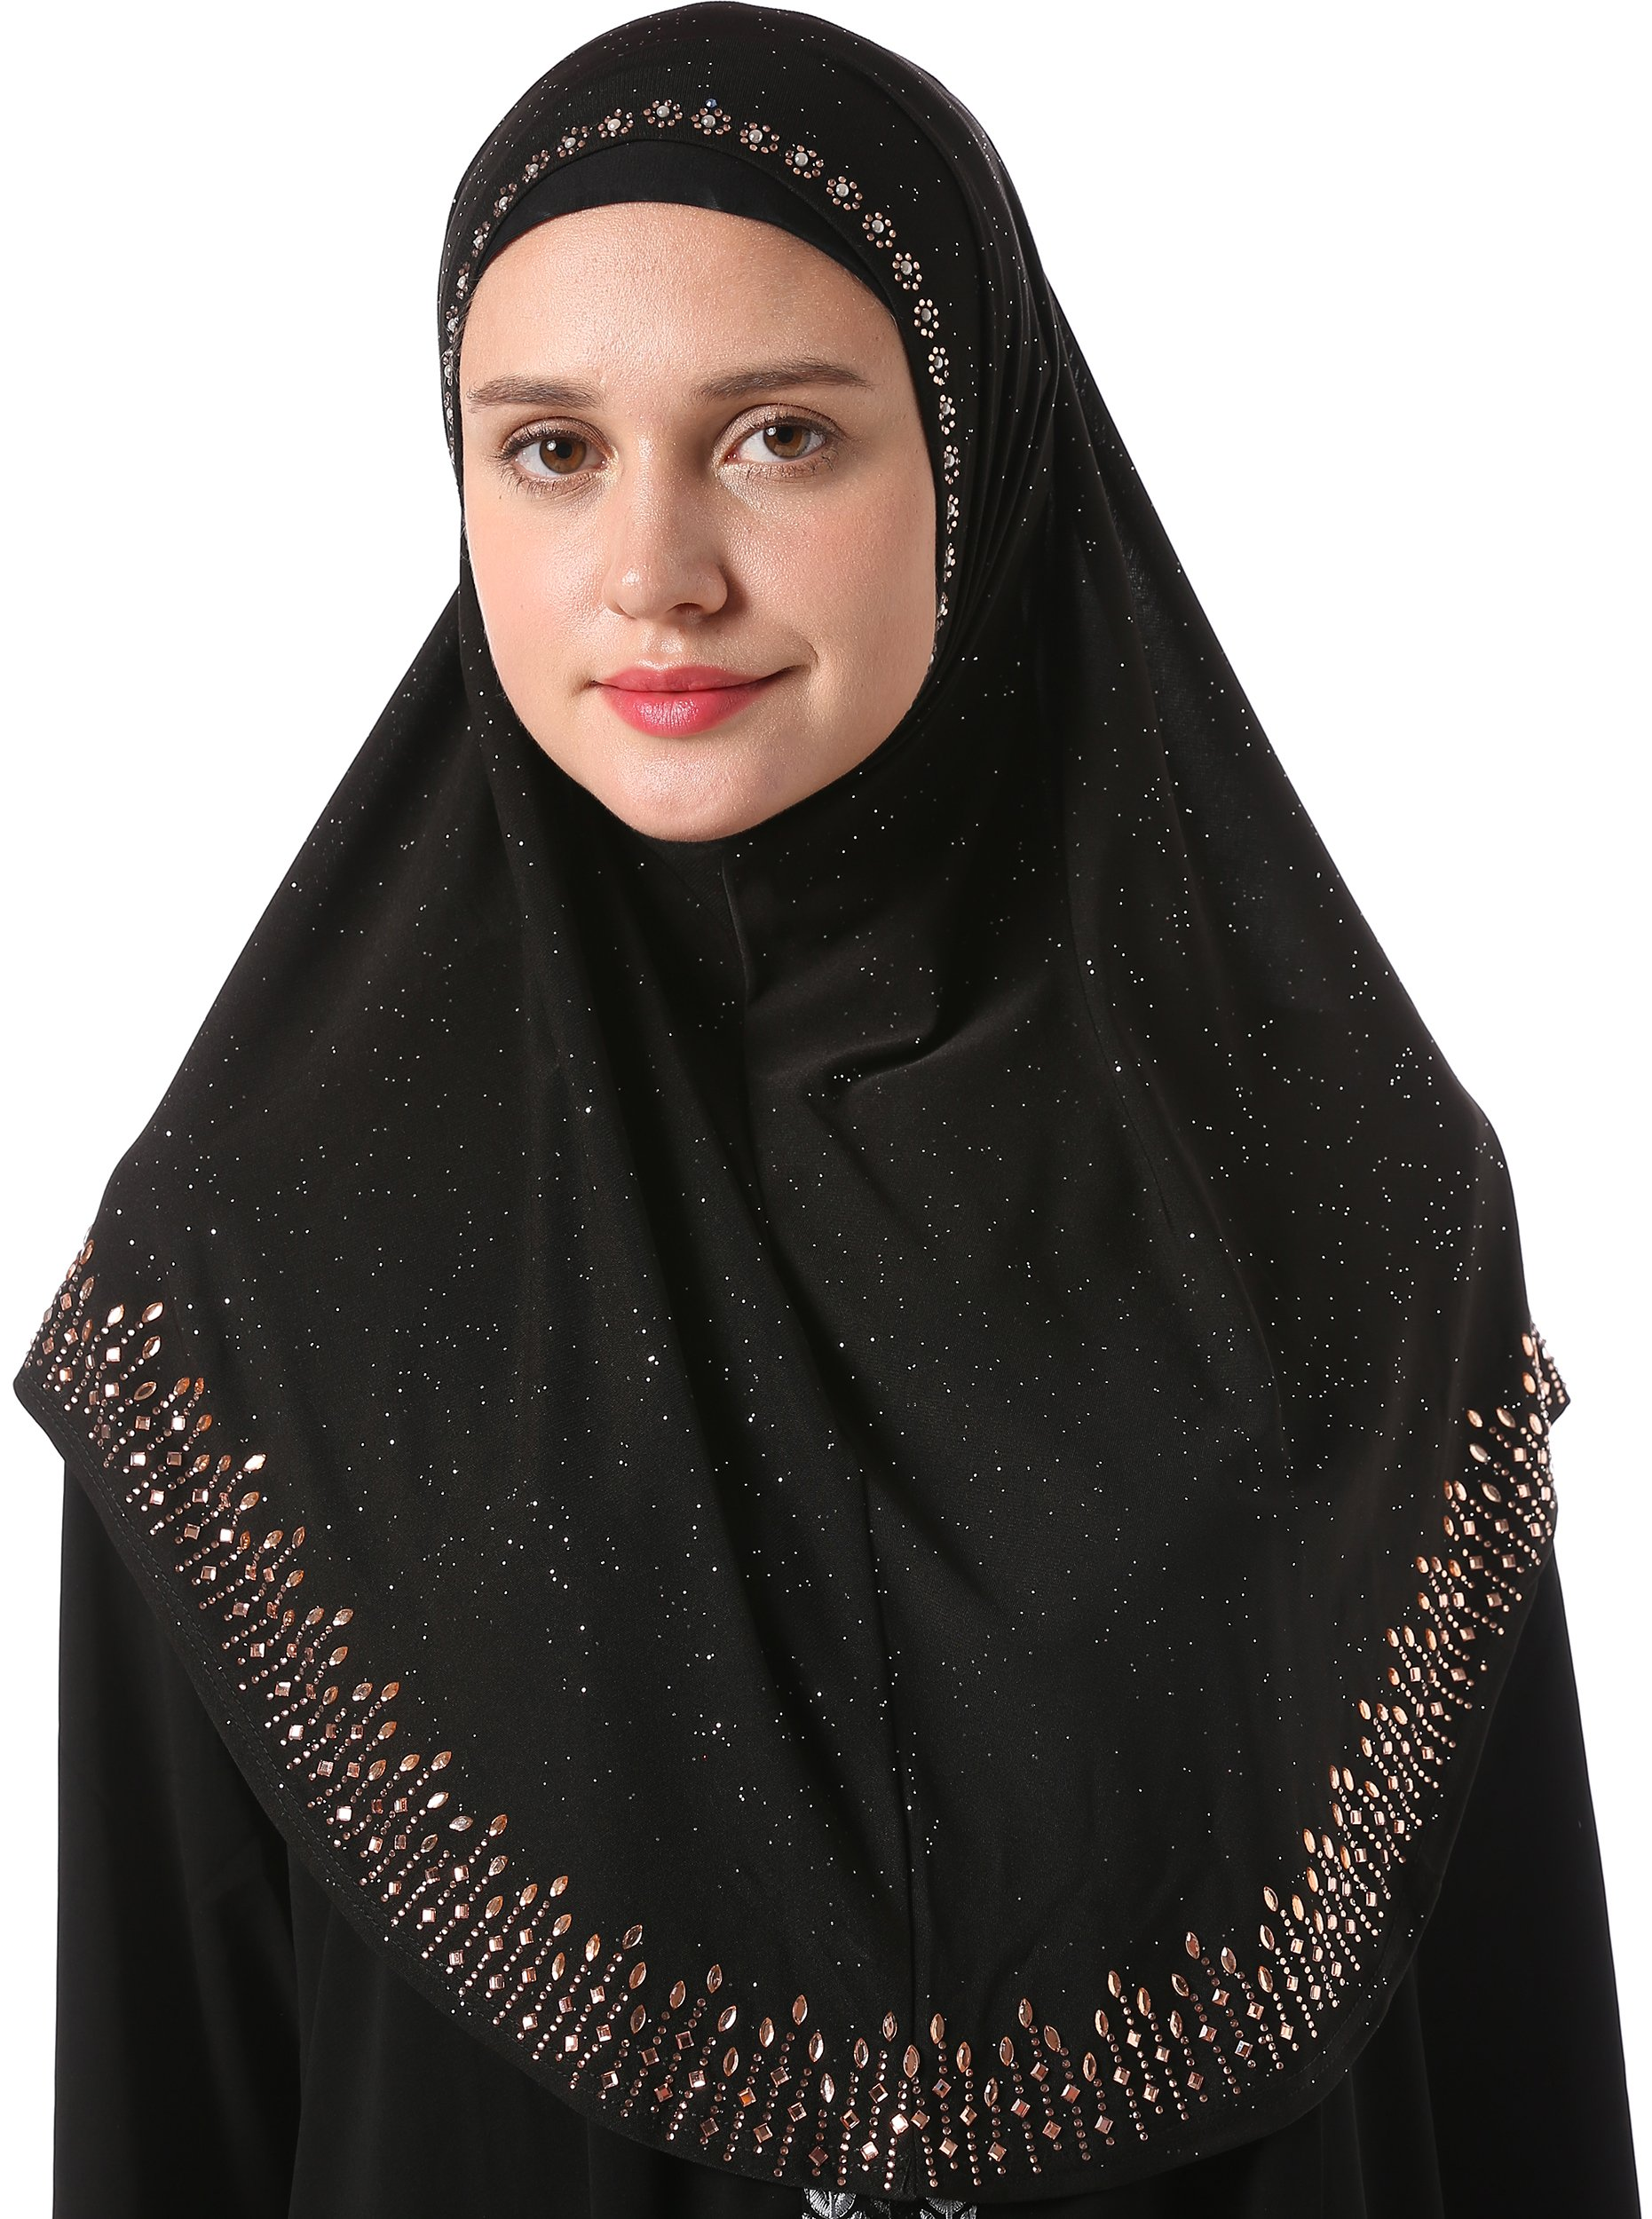 YI HENG MEI Women's Modest Muslim Rhinestones Instant Hijab Jersey Headscarf Ready to Wear Hijab,Black